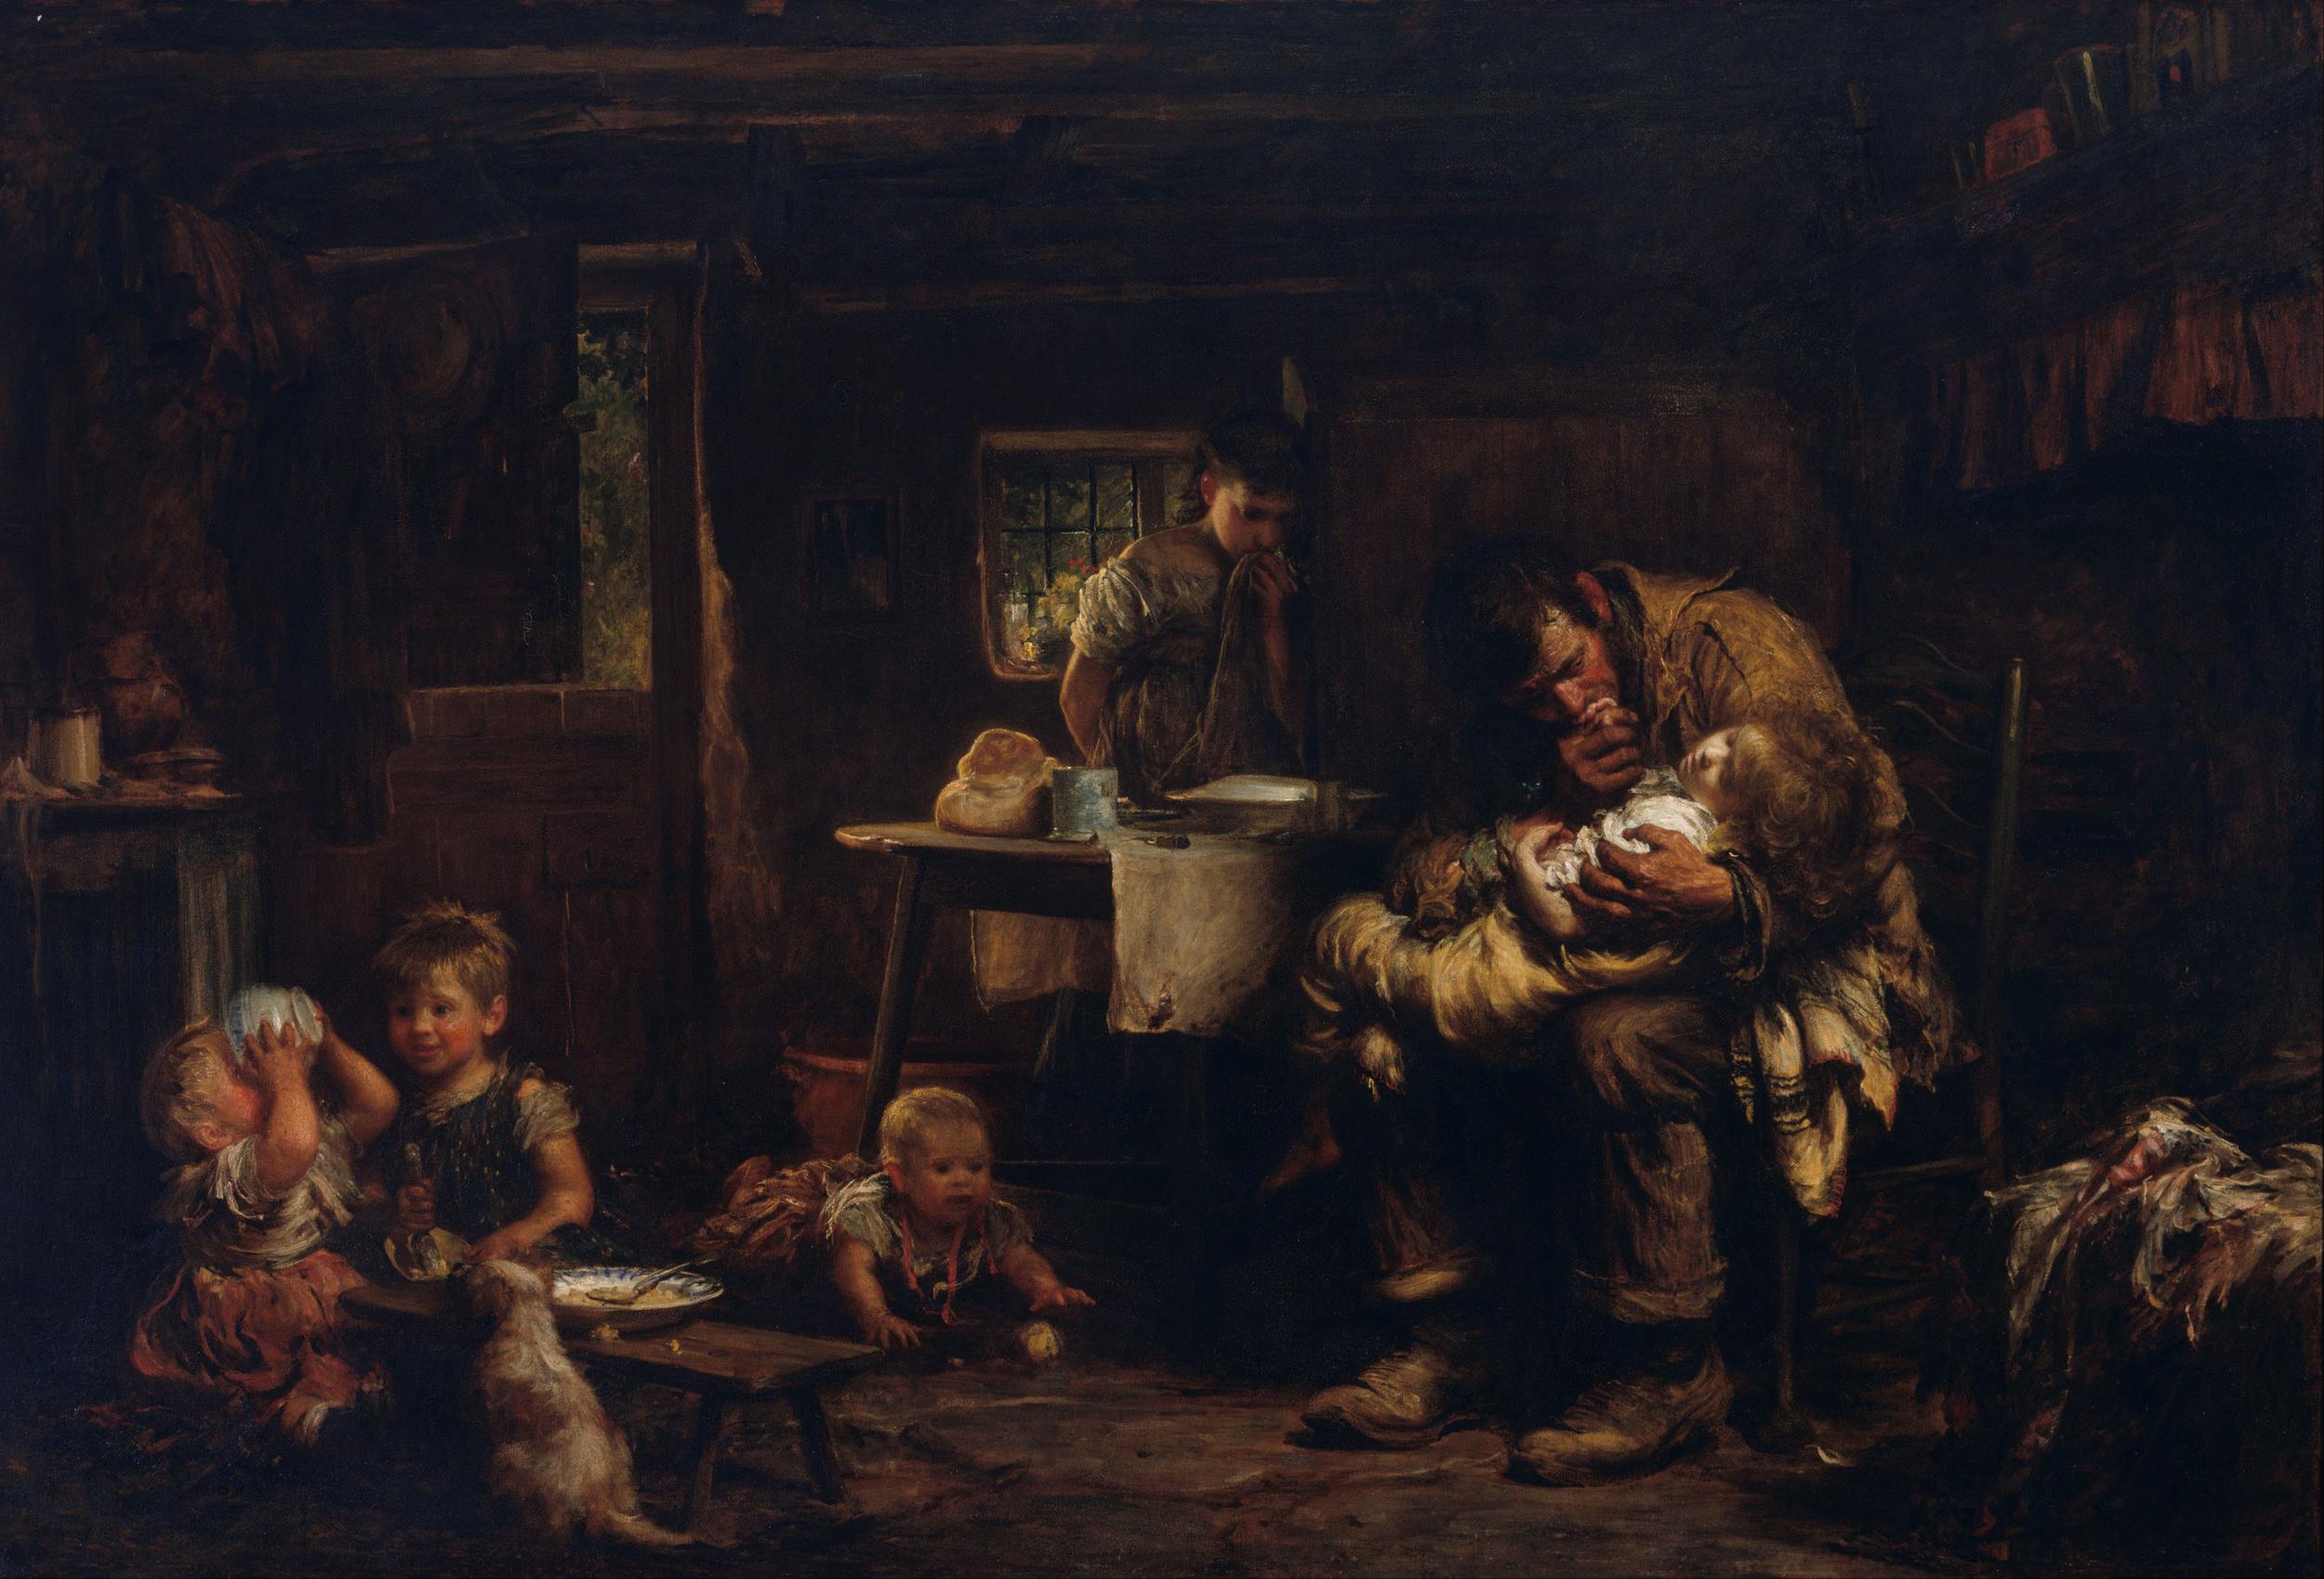 Sir_Luke_Fildes_-_The_widower_-_Google_Art_Project.jpg